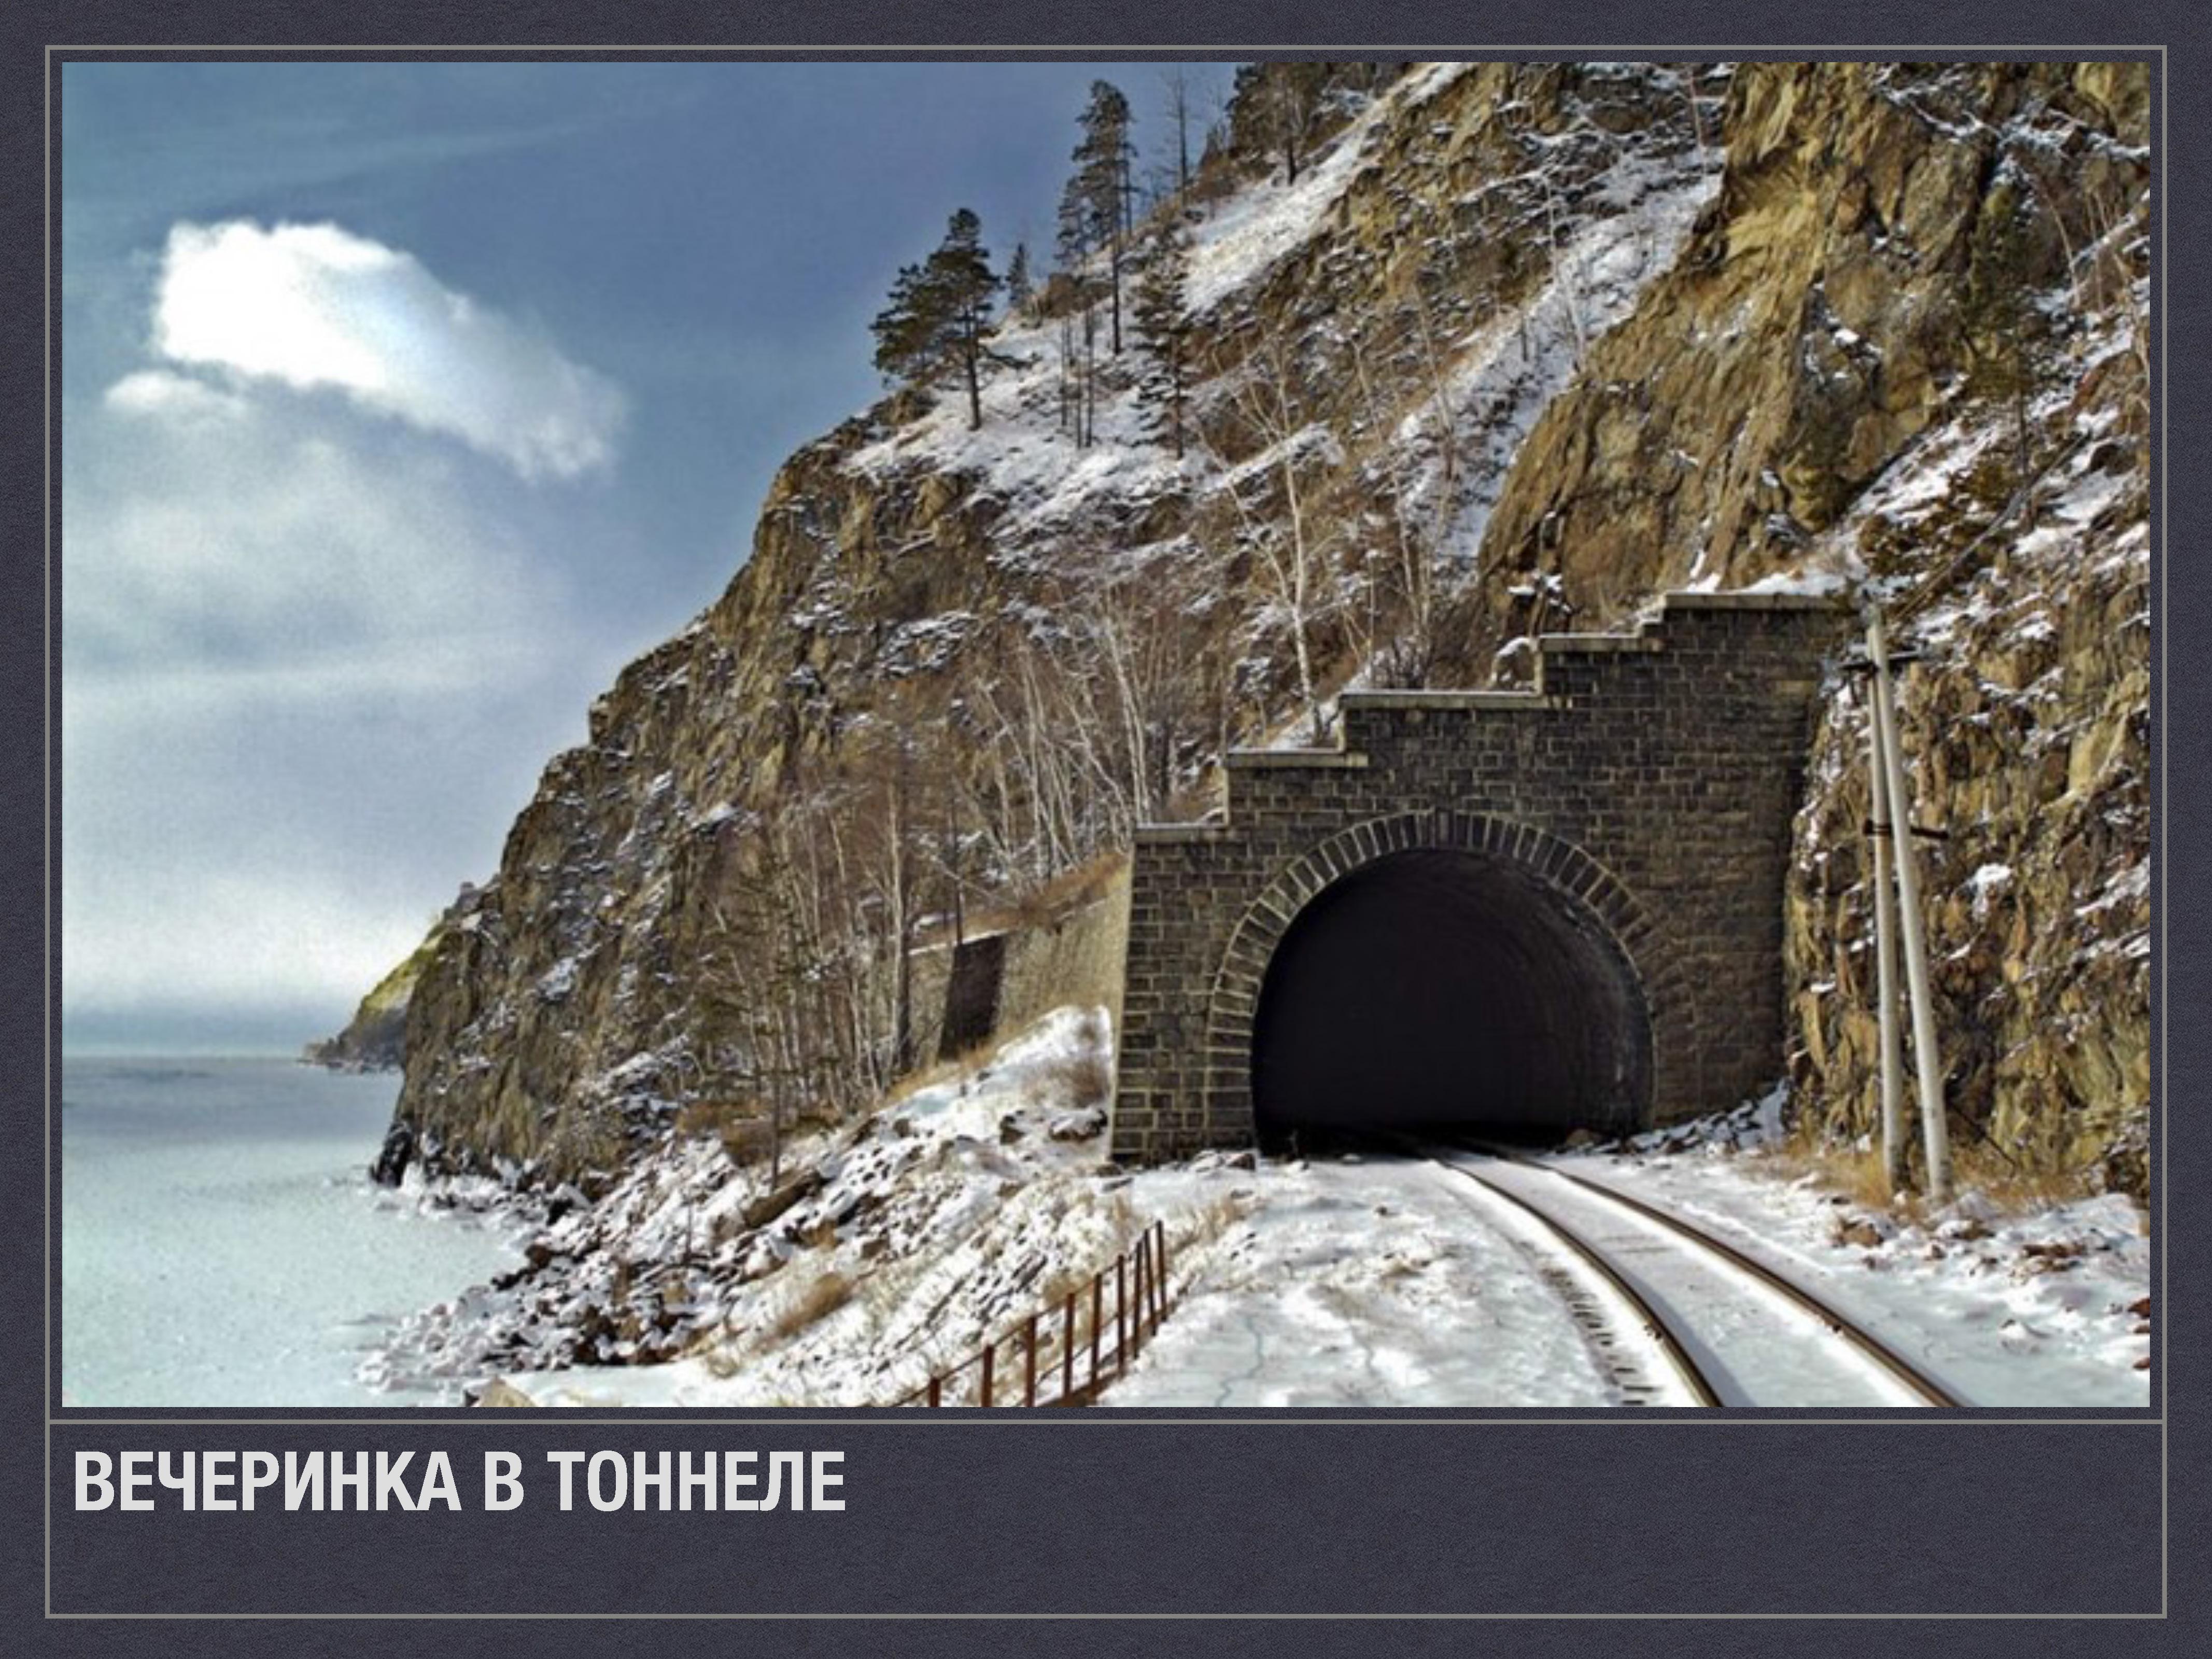 Baikal__05